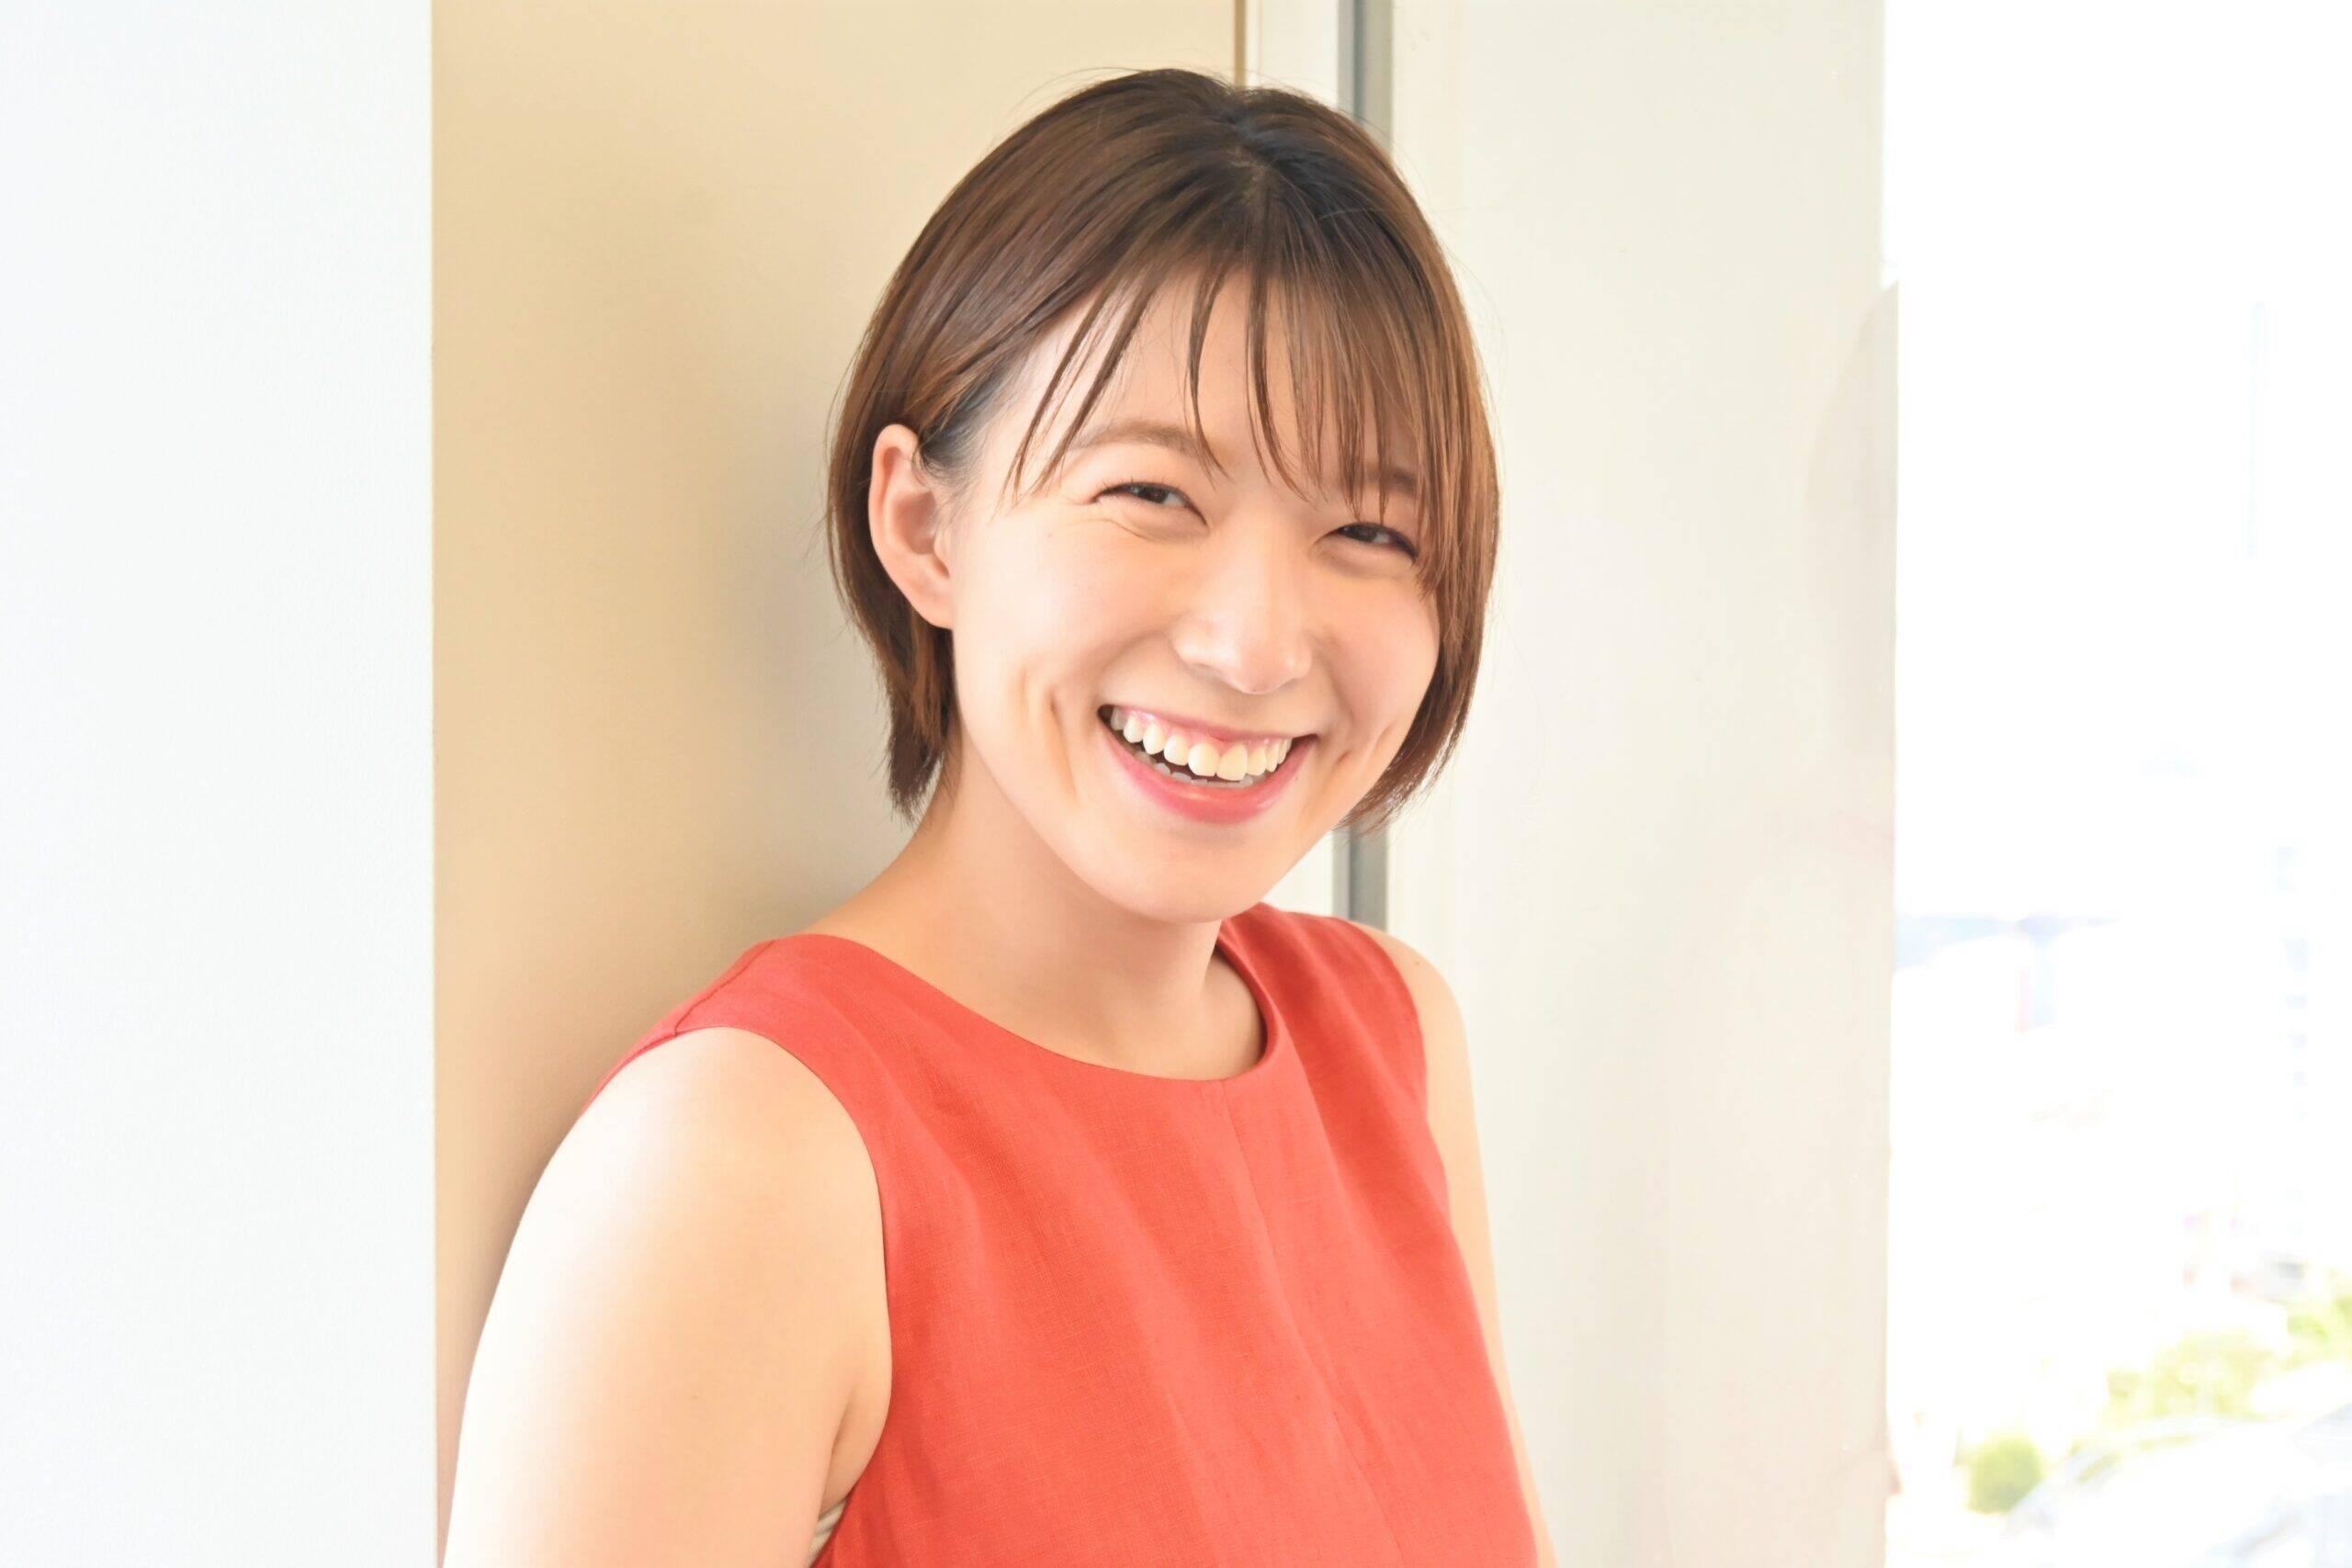 阿部華也子 東京オリンピックを熱烈応援中!「興奮してしまって、声が枯れるかと(笑)」